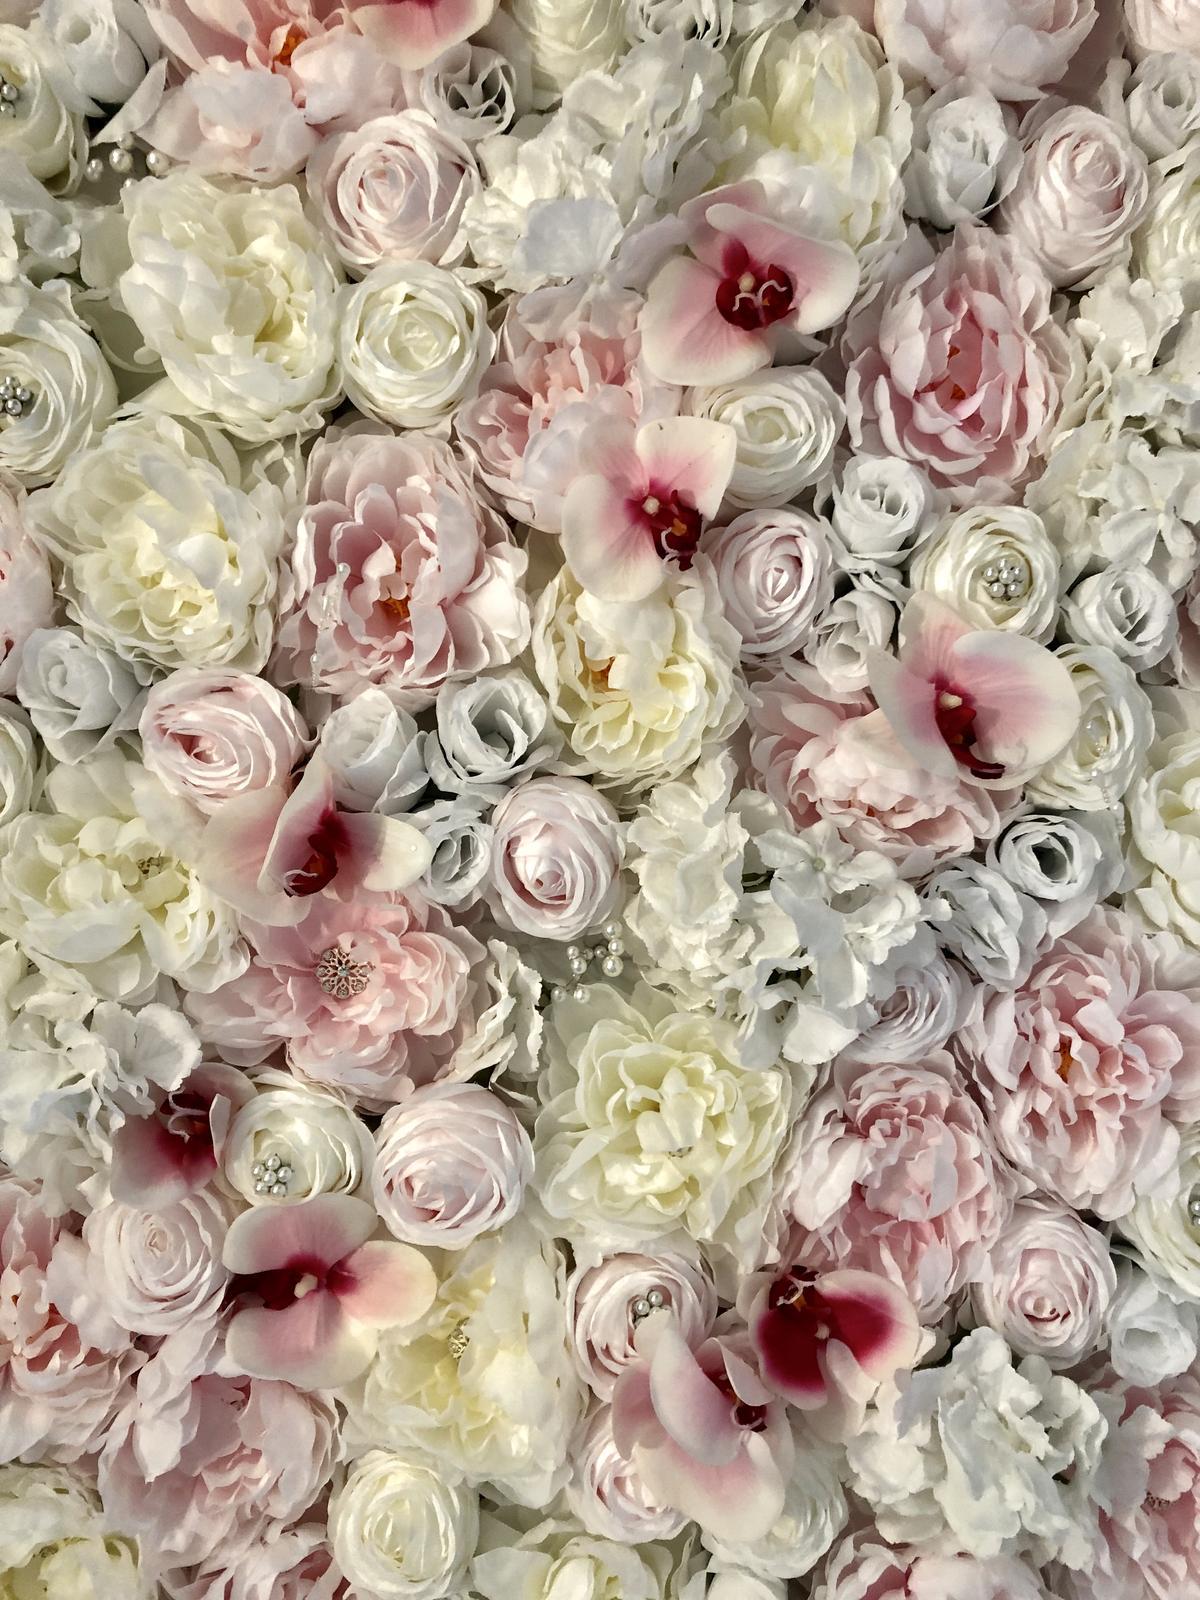 JADORE FLOWER WALL - nove kvetinove pozadie obohatene o brosne a perličky - Obrázok č. 3